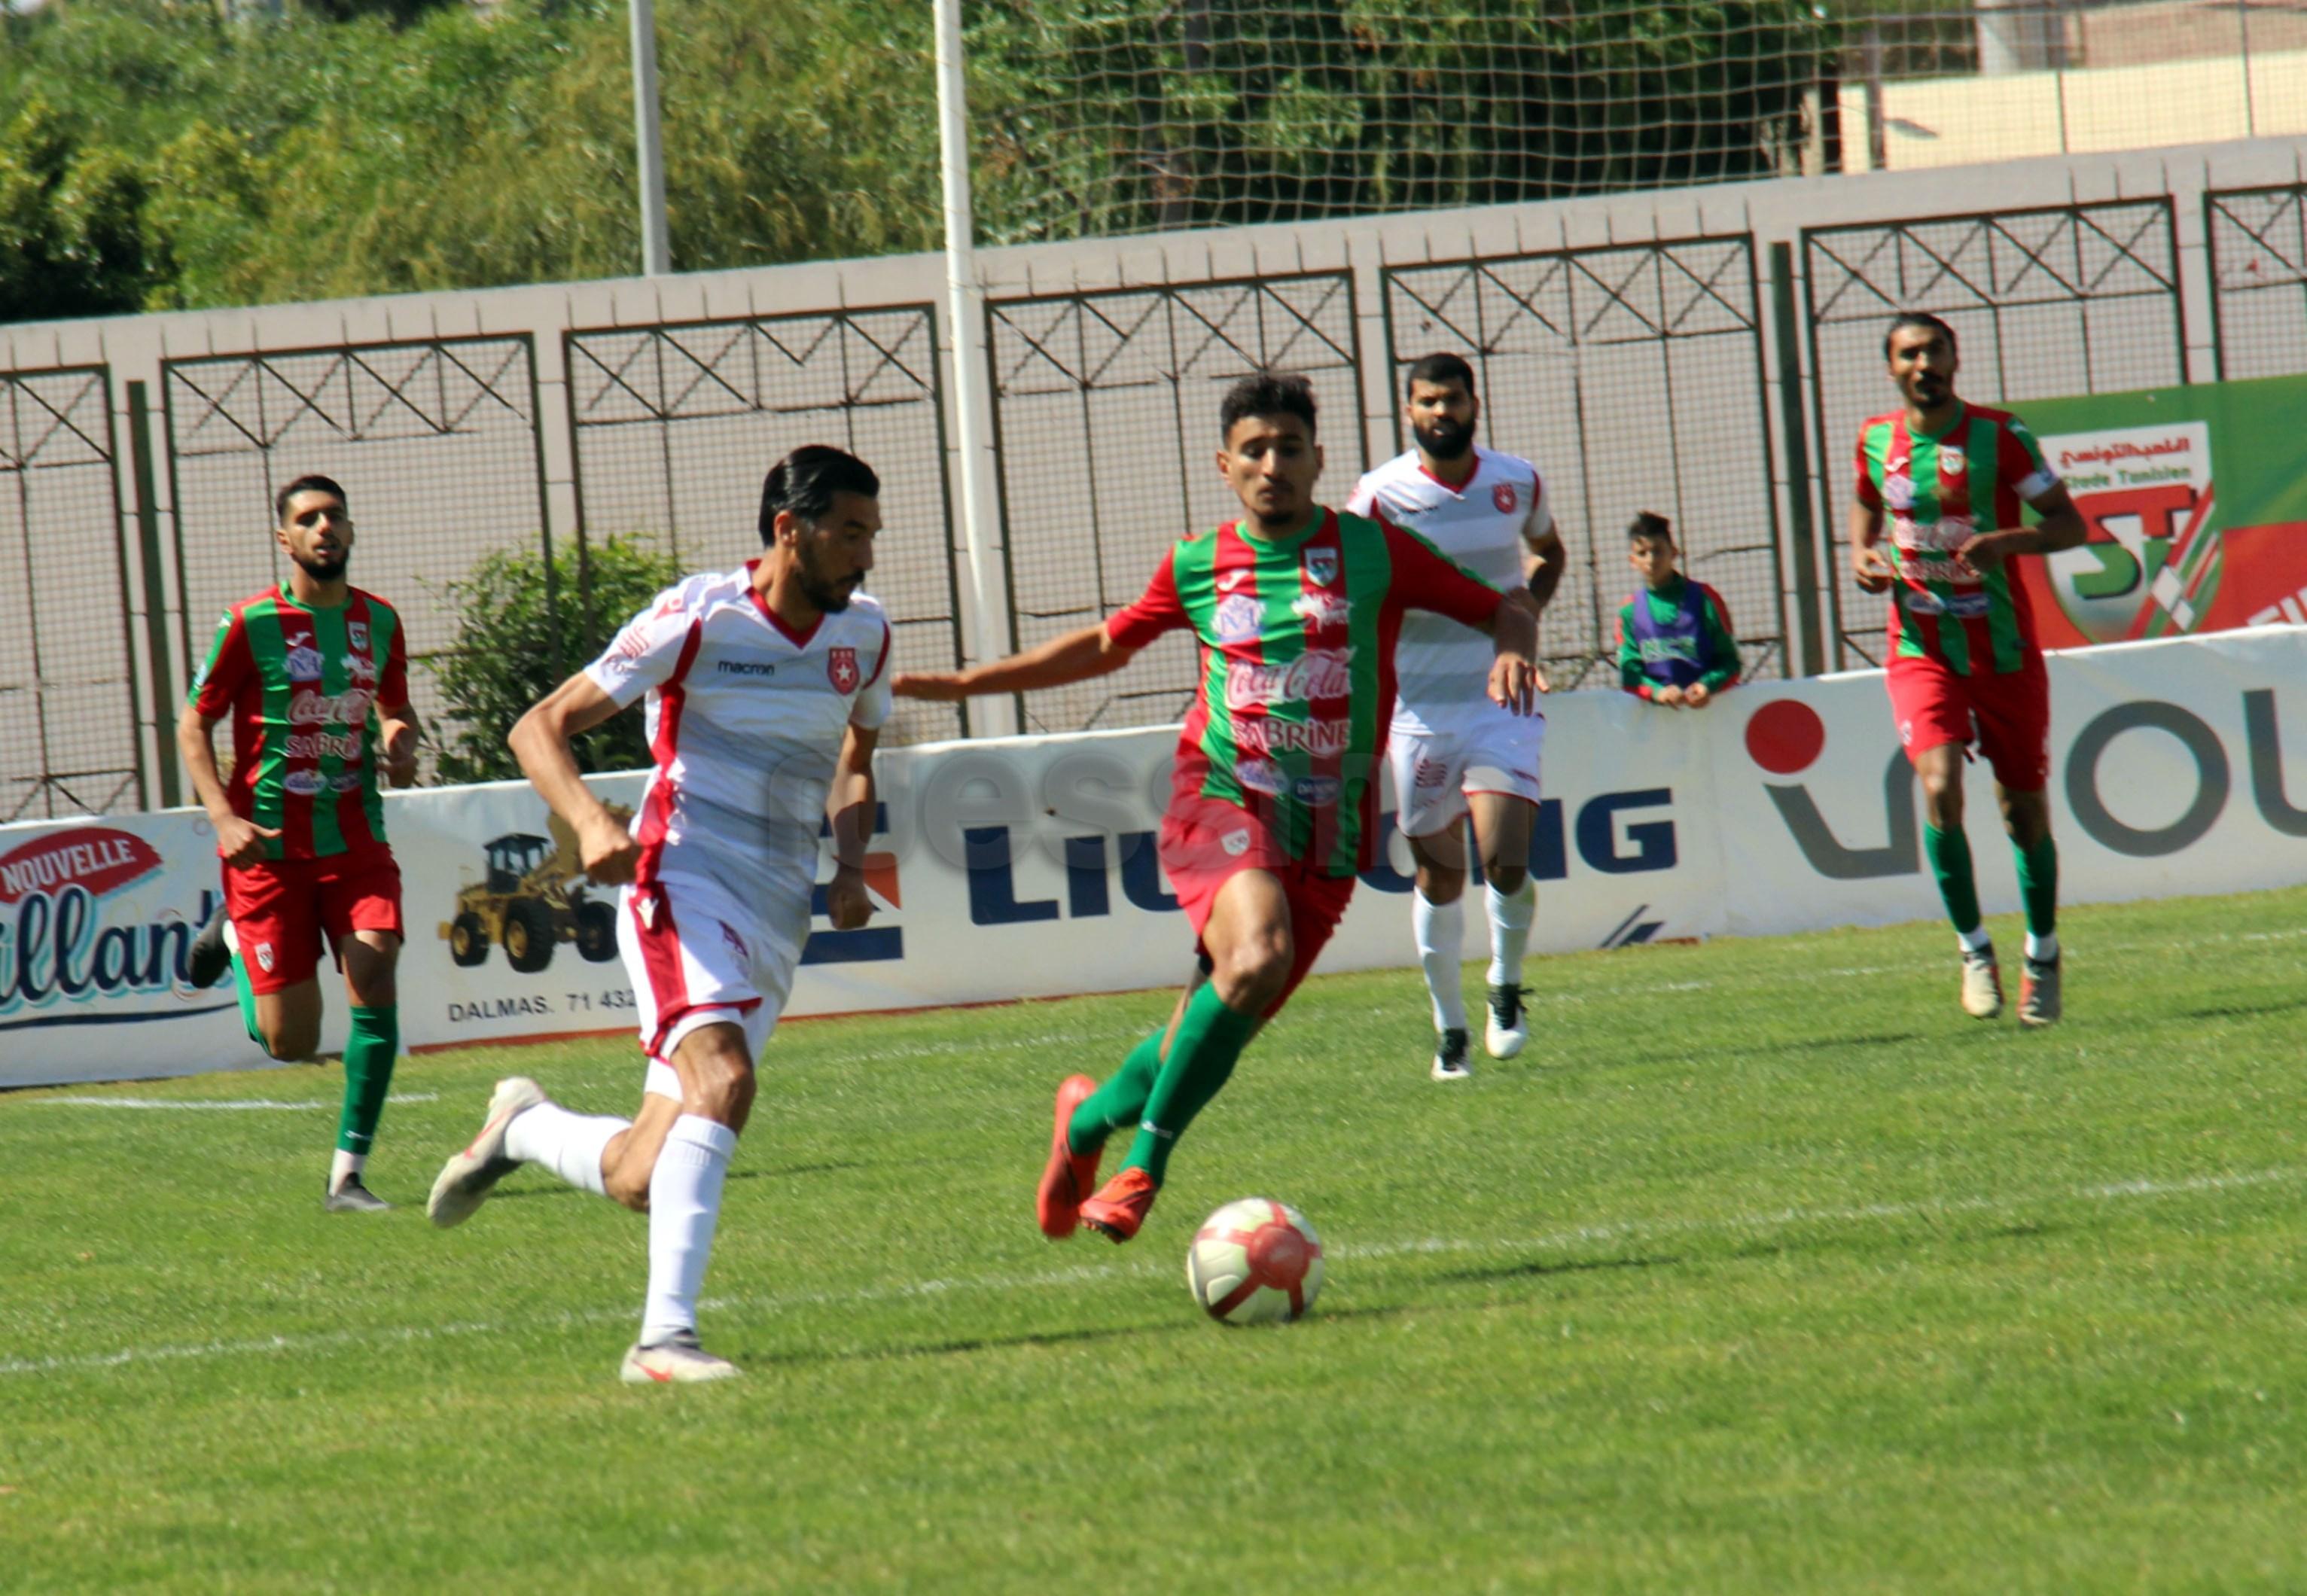 صور مباراة الملعب التونسي والنجم الرياضي الساحلي